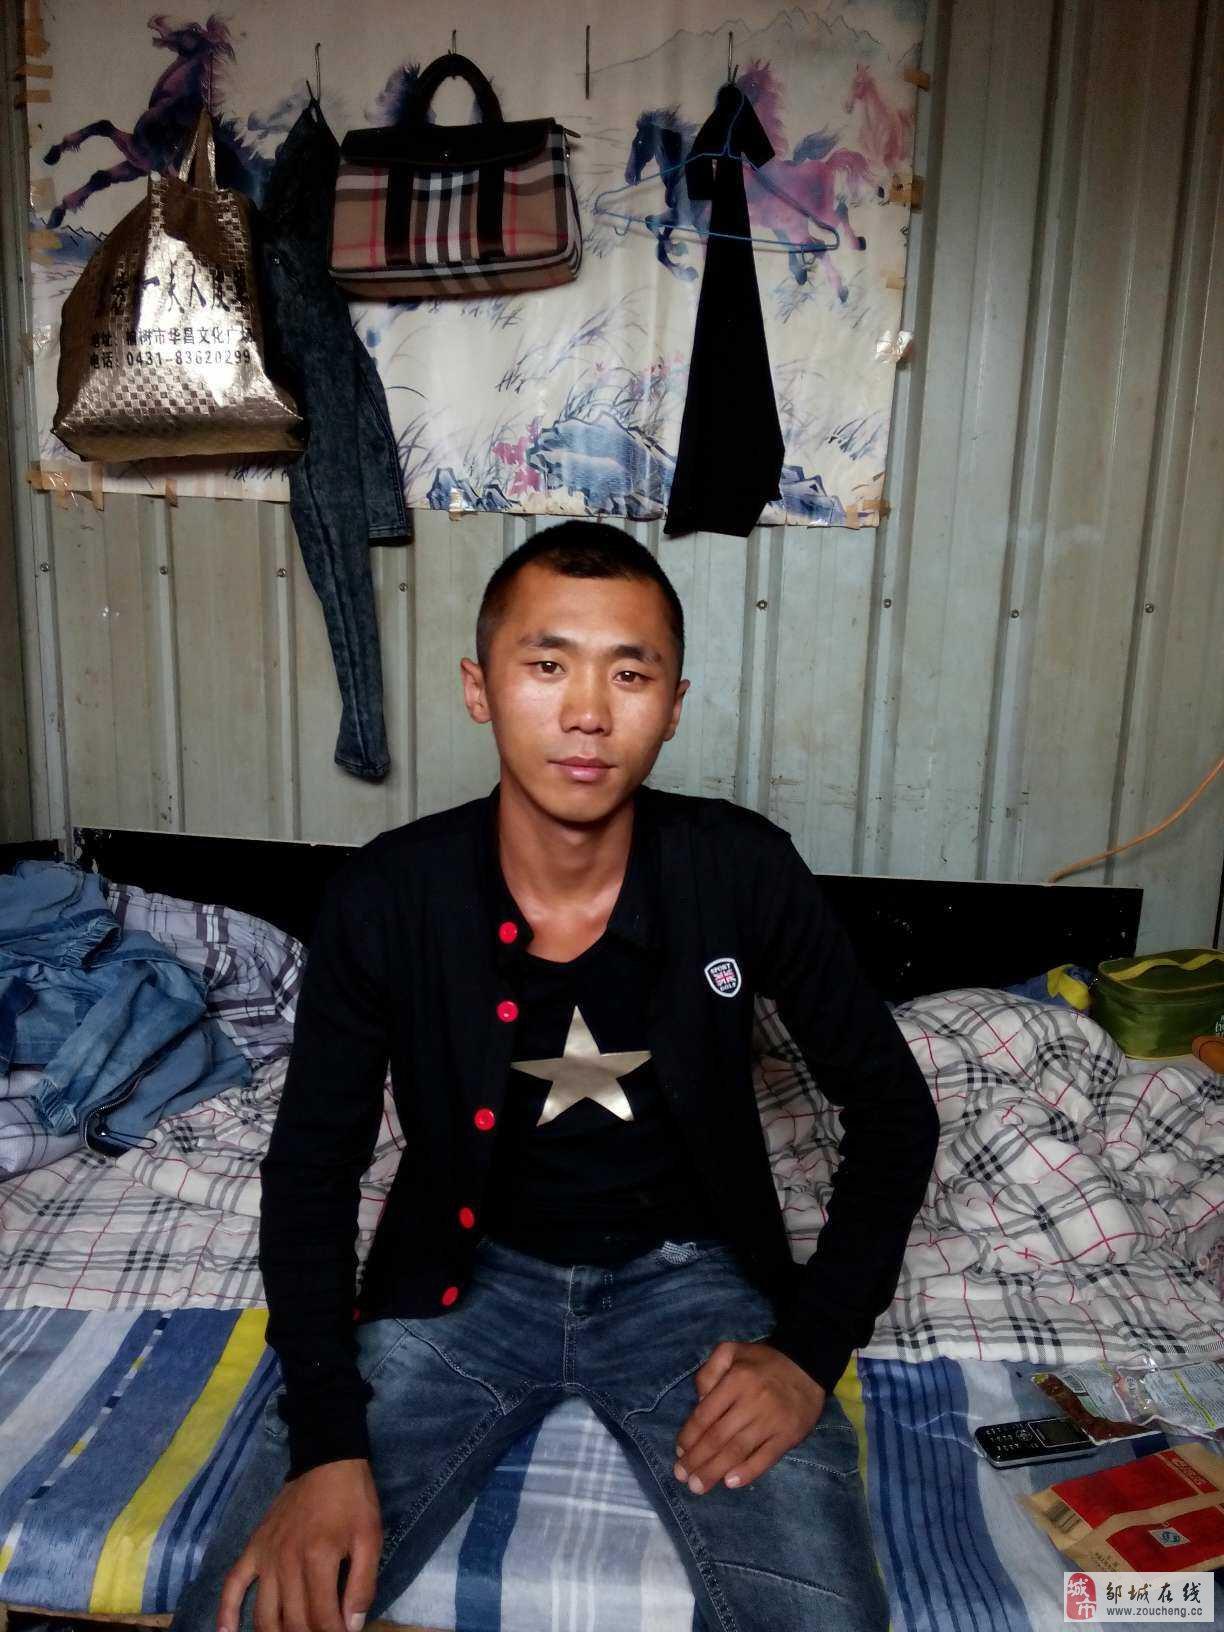 汗 |学 历: 初中 |工作经验: 5-8年 |毕业学校: 吉林省榆树市恩育乡中